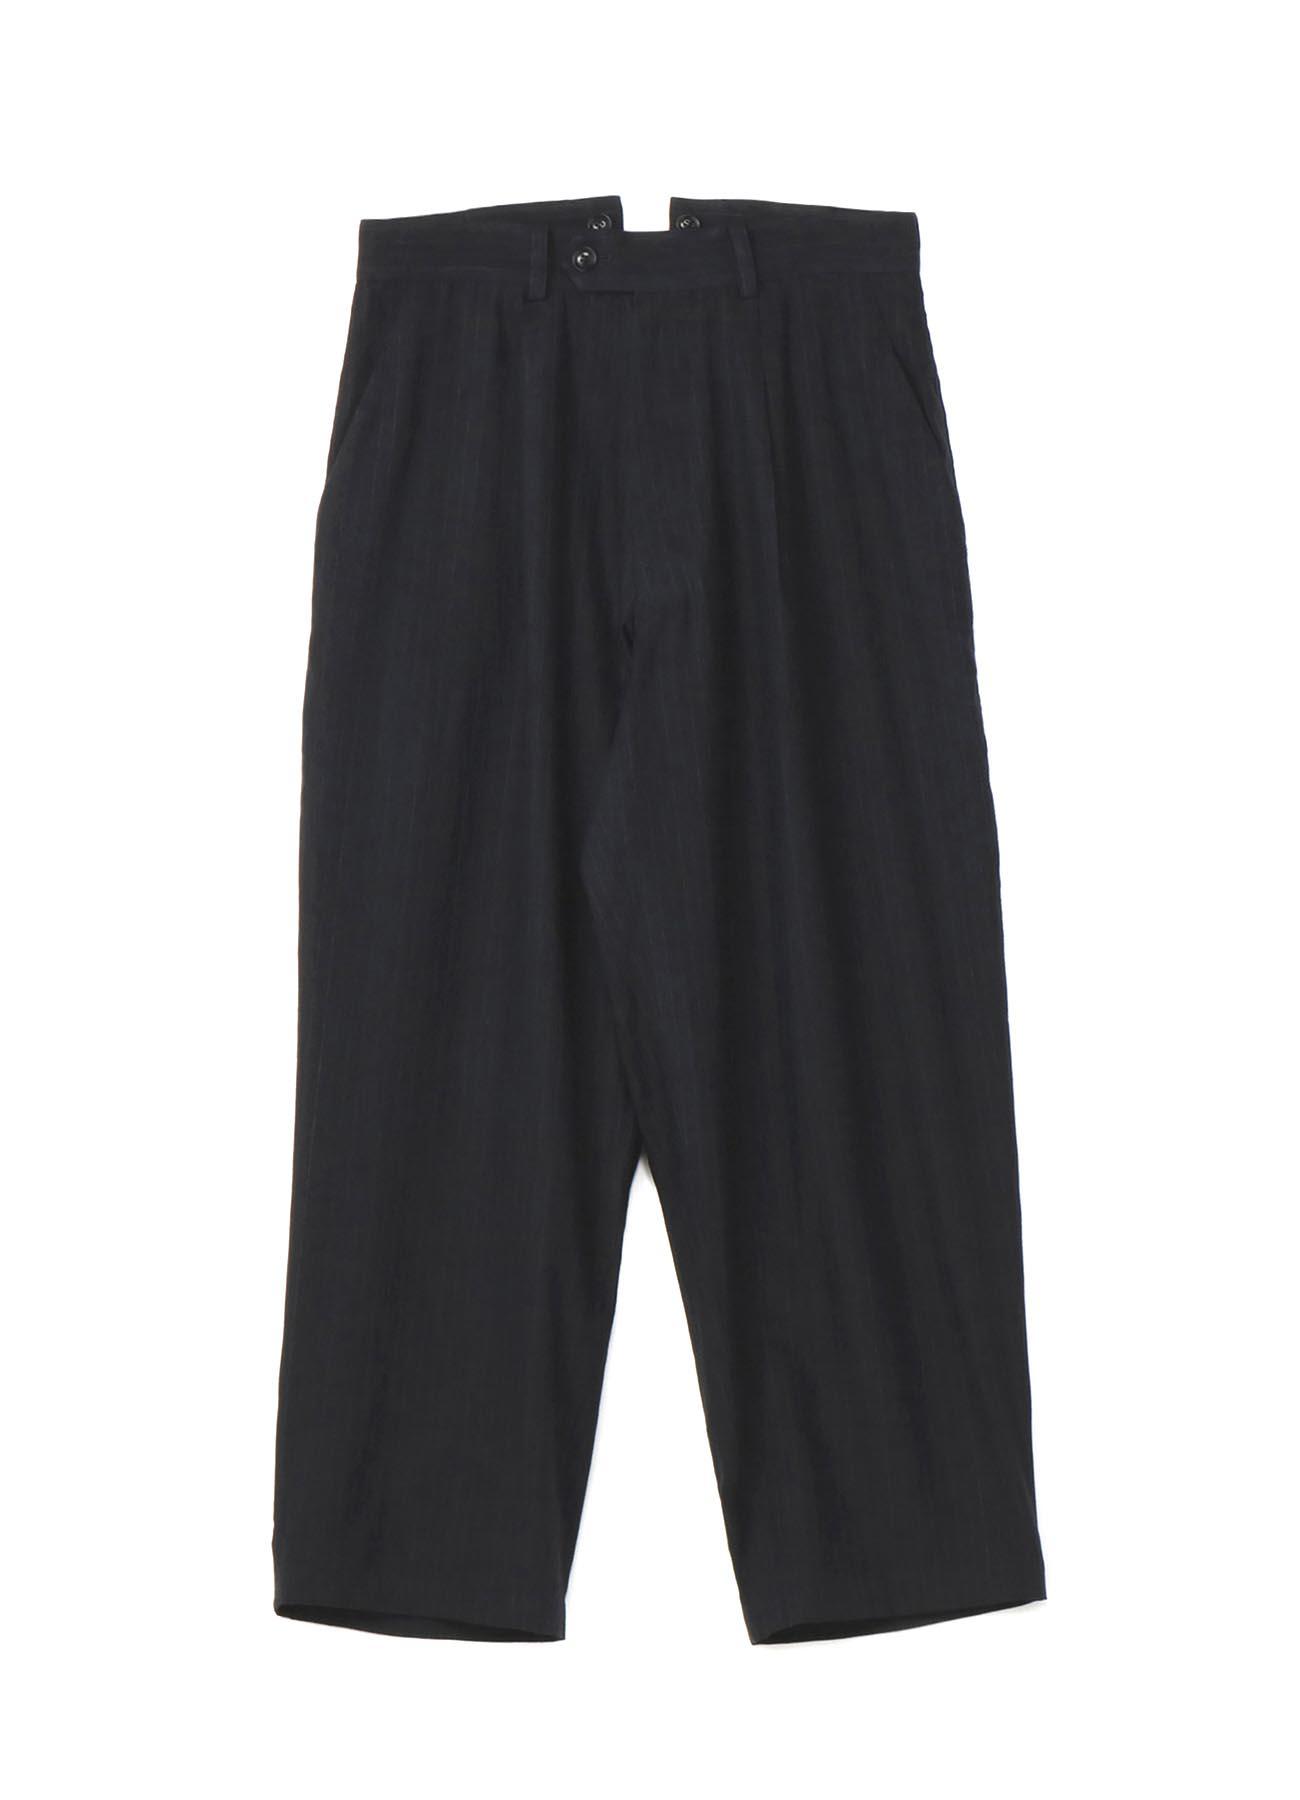 No.19棉亚麻条纹吊带裤